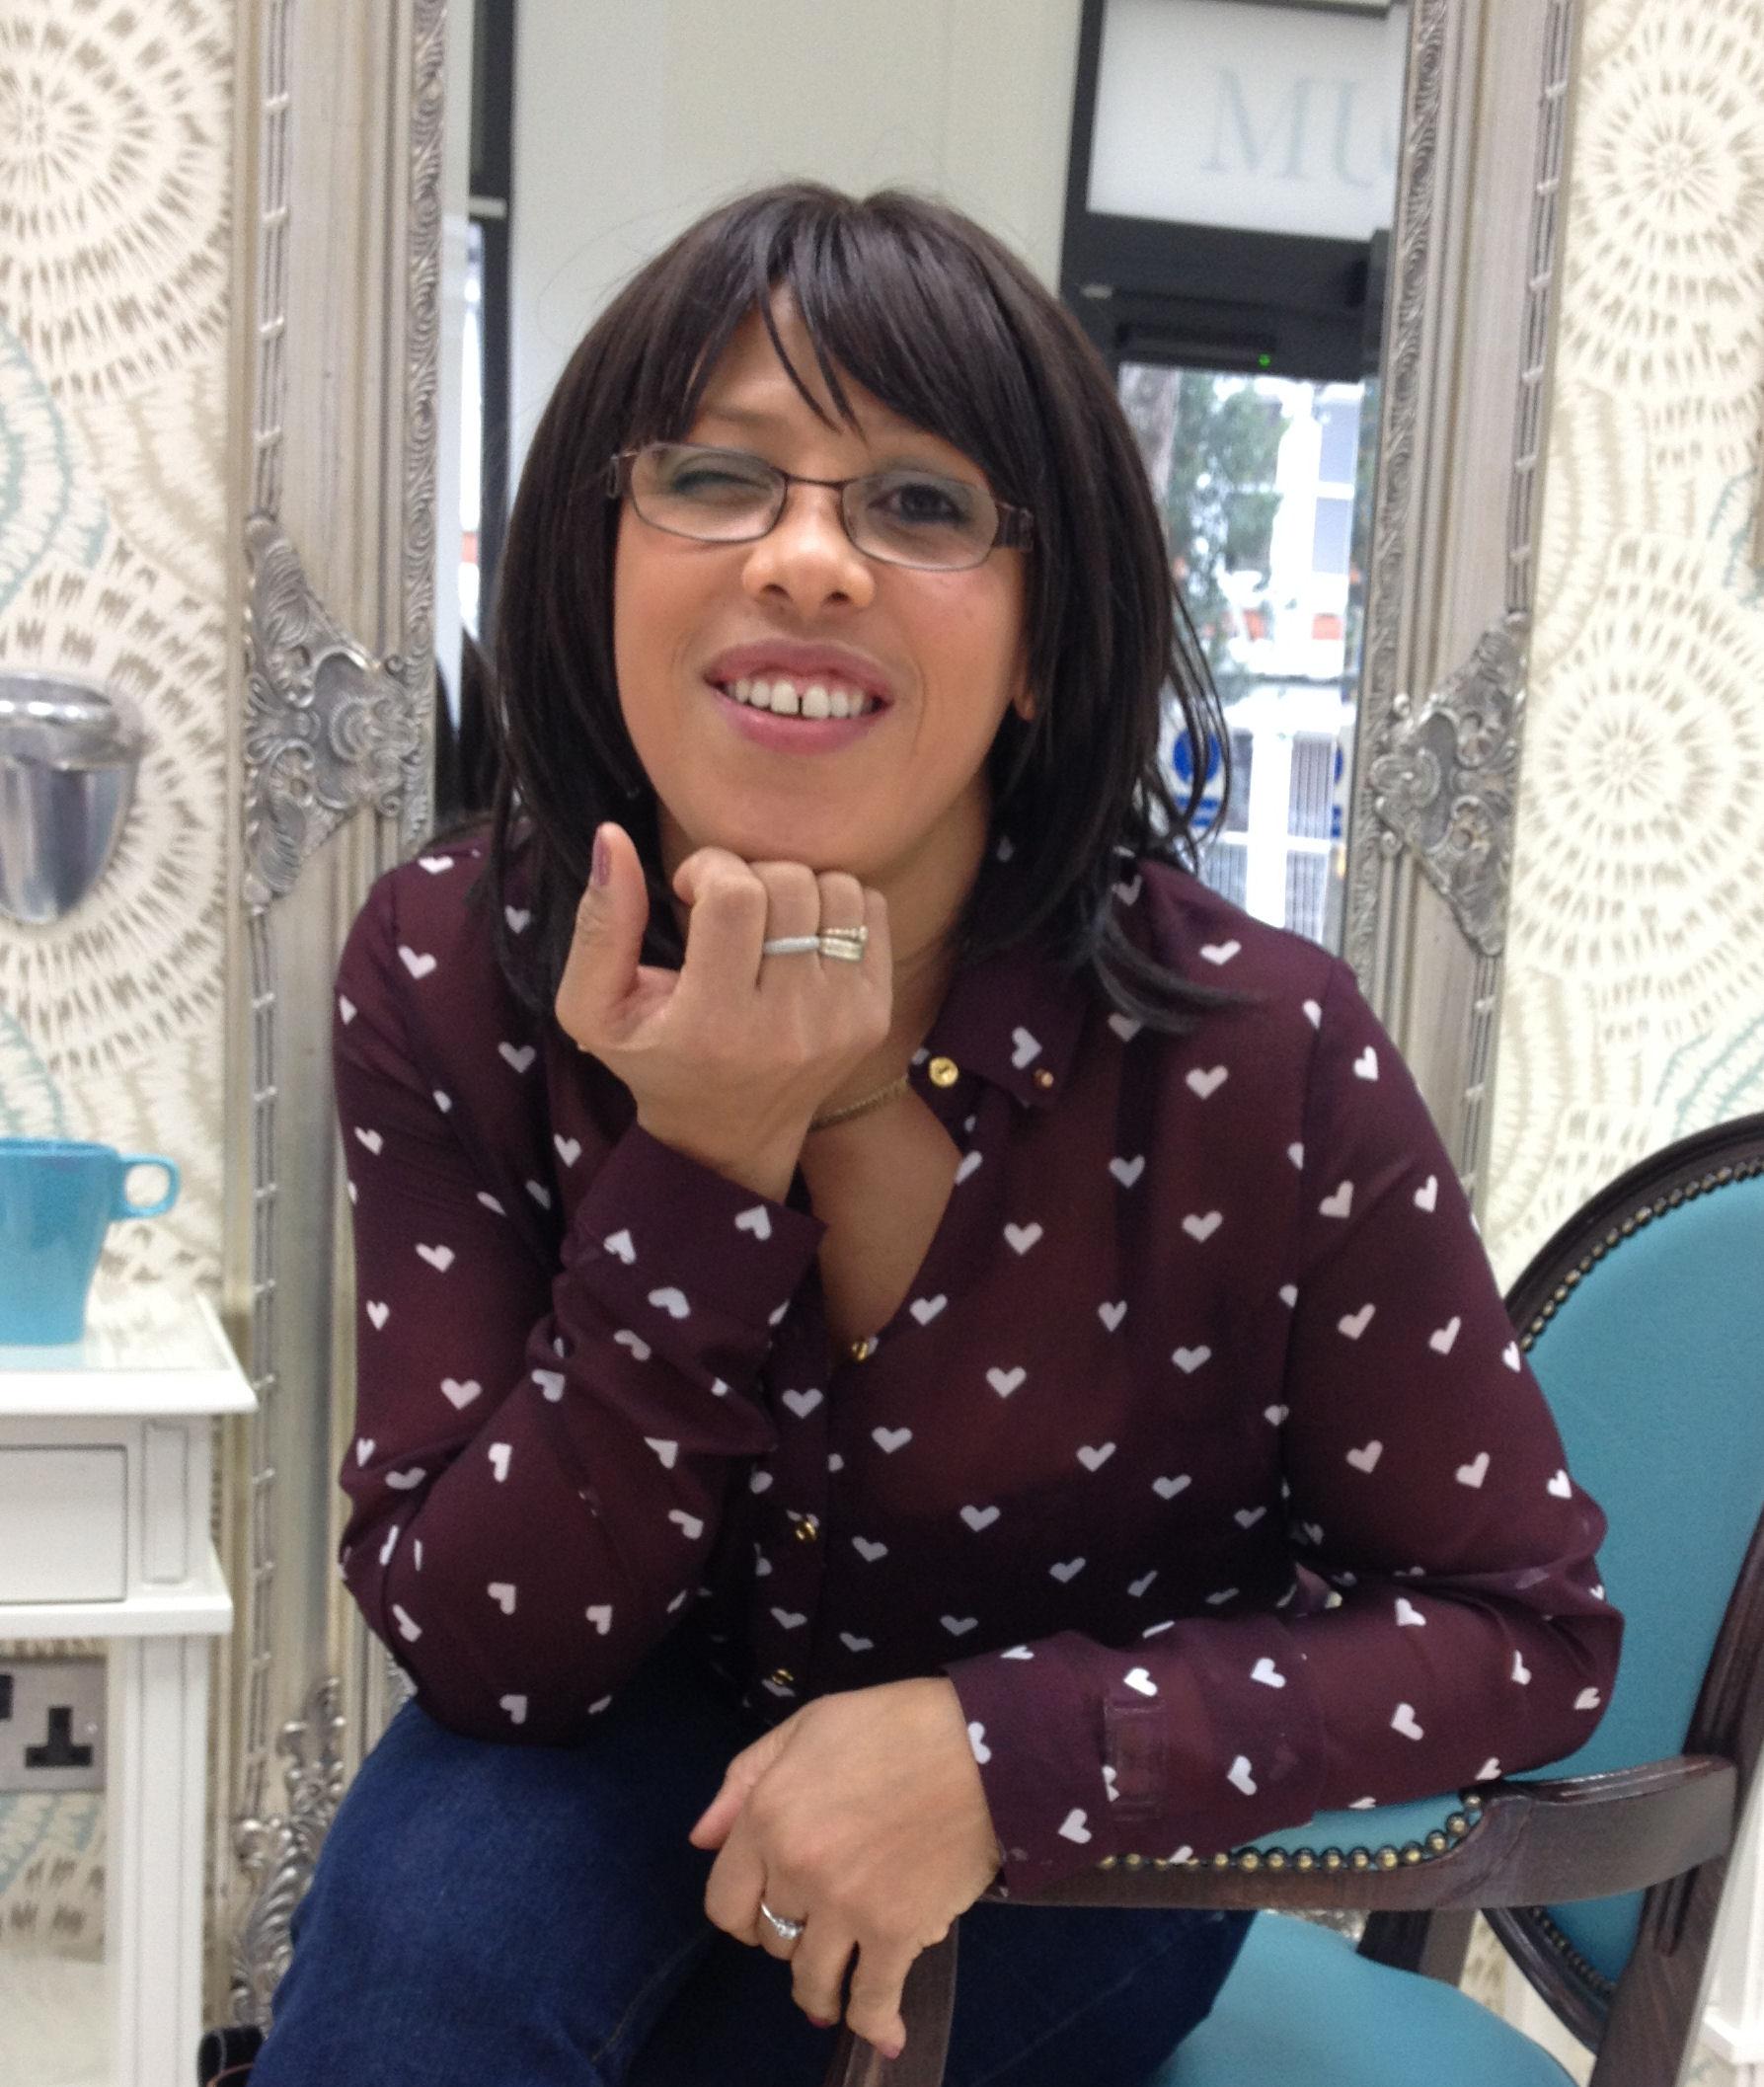 Sharon Gordon - TG social group for women